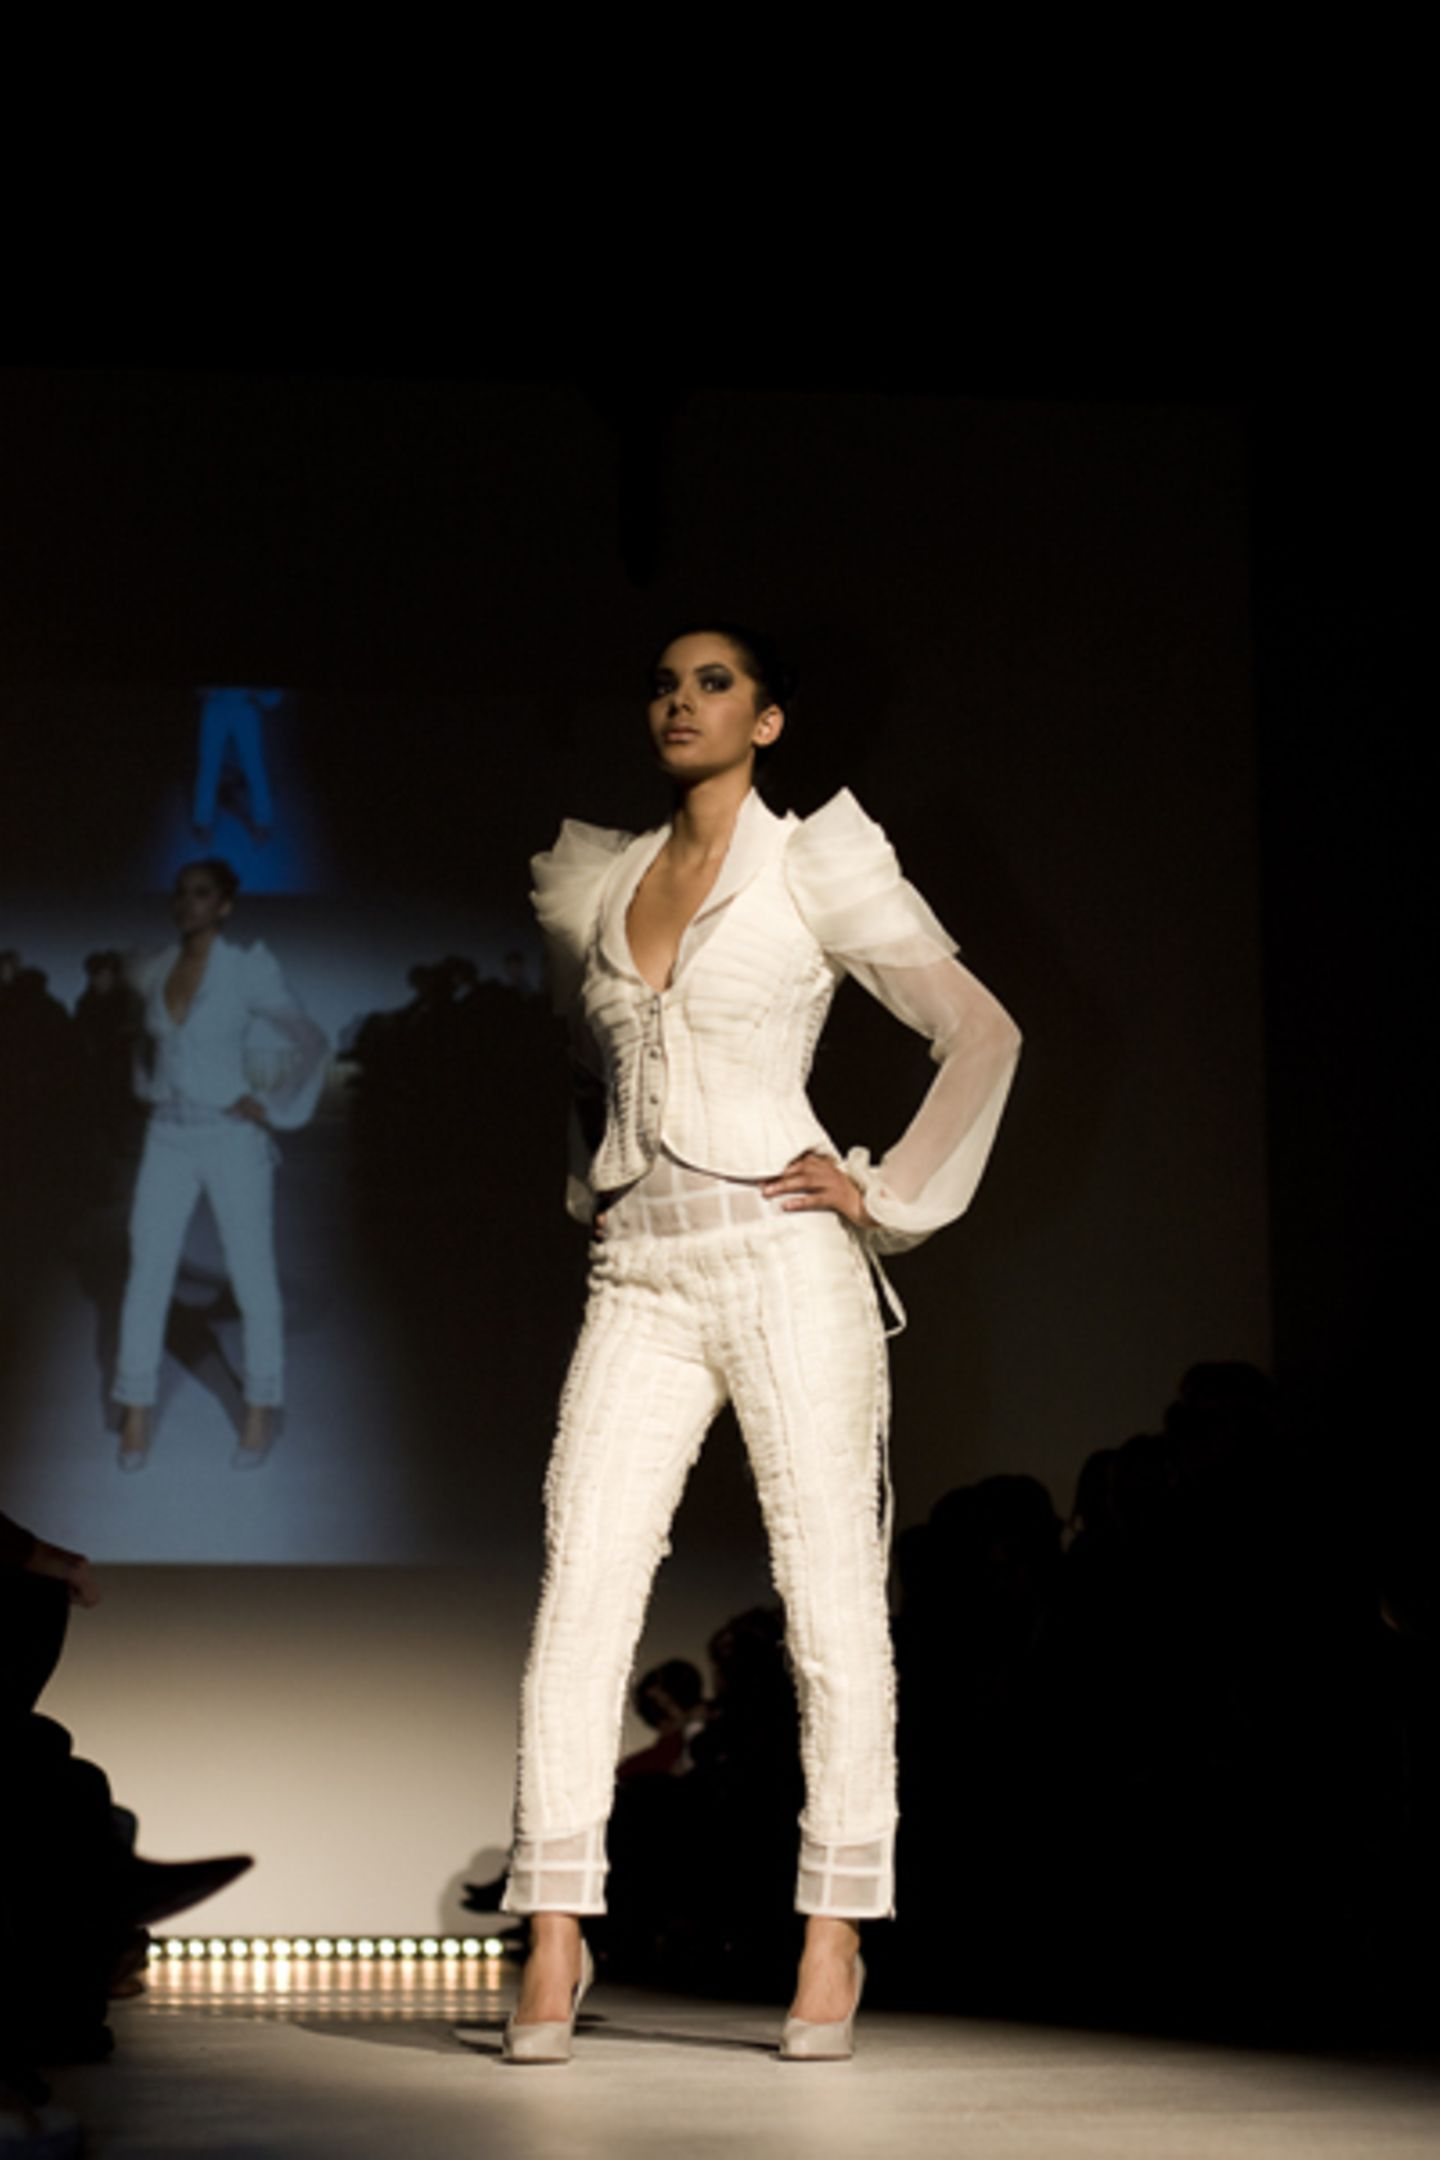 Jessie Atkinson und Leonhard Daizo Bachmann Neben den Abschlusskollektionen präsentierten die Alumni Jessie Atkinson und Leonhard Daizo Bachmann ein einzigartiges Ensemble, mit dem sie es von rund 12.300 Bewerbern für die Tokio Fashion Week unter die besten Zwanzig geschafft haben. Den Traum in Plissées präsentierten sie nun erstmalig in Deutschland.